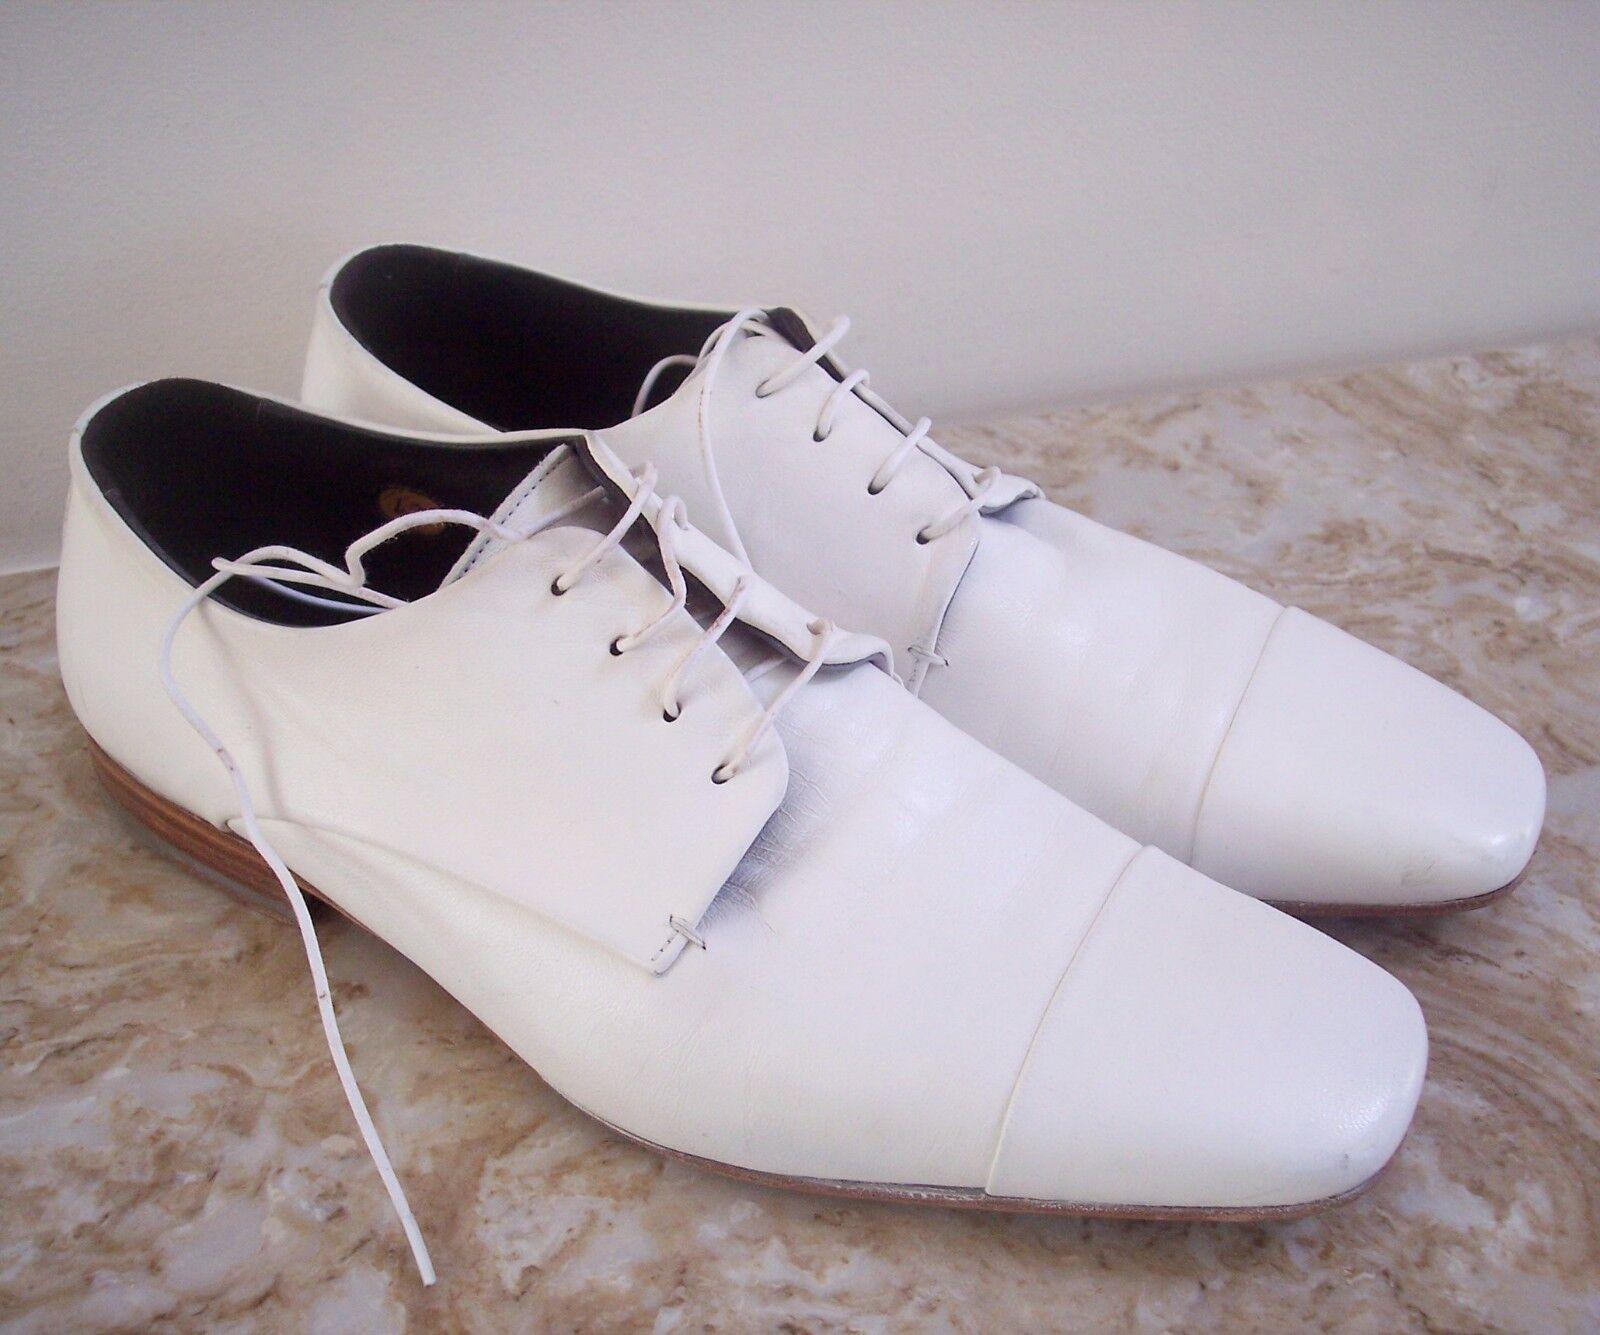 a4f332d5 Zapatos de FERRE increíble blancoo 42 Italia Cuero GIANFRANCO ndojxa2959- Zapatos de vestir. Bally Frenz Hombre Cuero Perforado Zapatillas ...